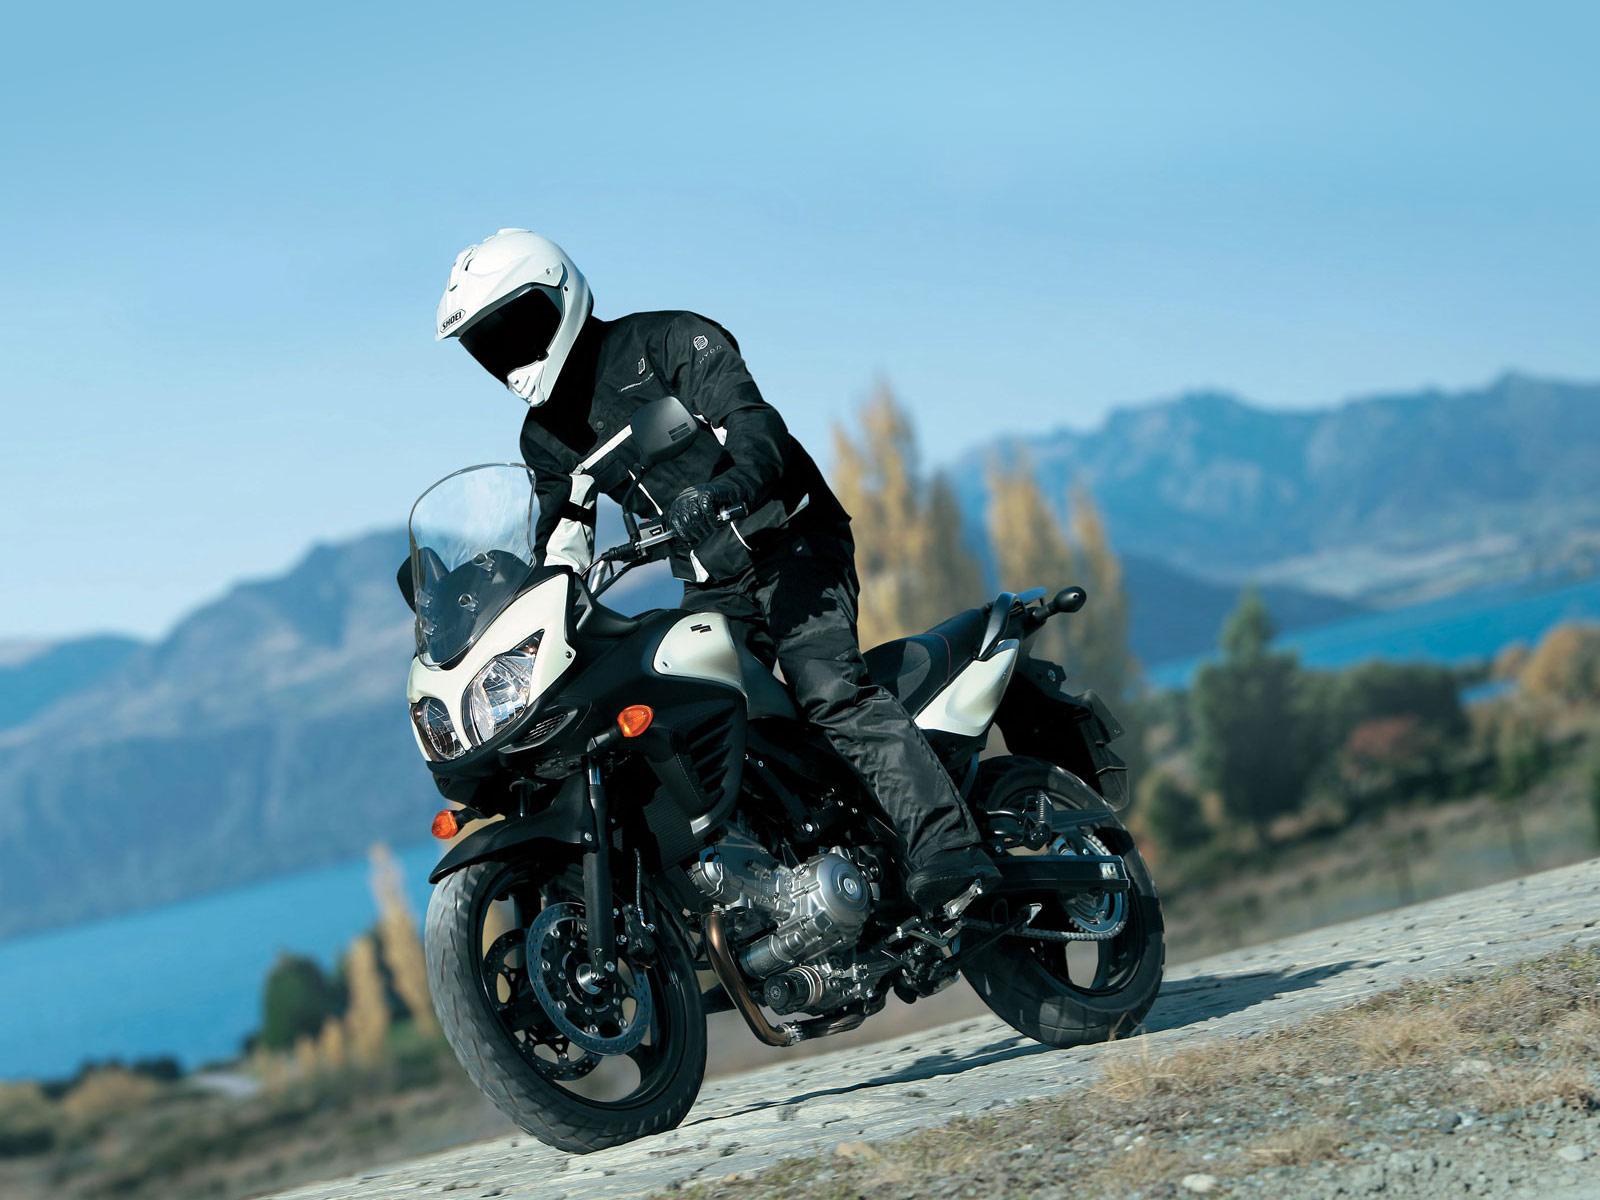 http://2.bp.blogspot.com/-W-QY1ACvVW8/Tpz7giWMvQI/AAAAAAAACds/qzhH5V0HOtE/s1600/2012-Suzuki-VStrom-650-ABS_motorcycle-desktop-wallpaper_3.jpg